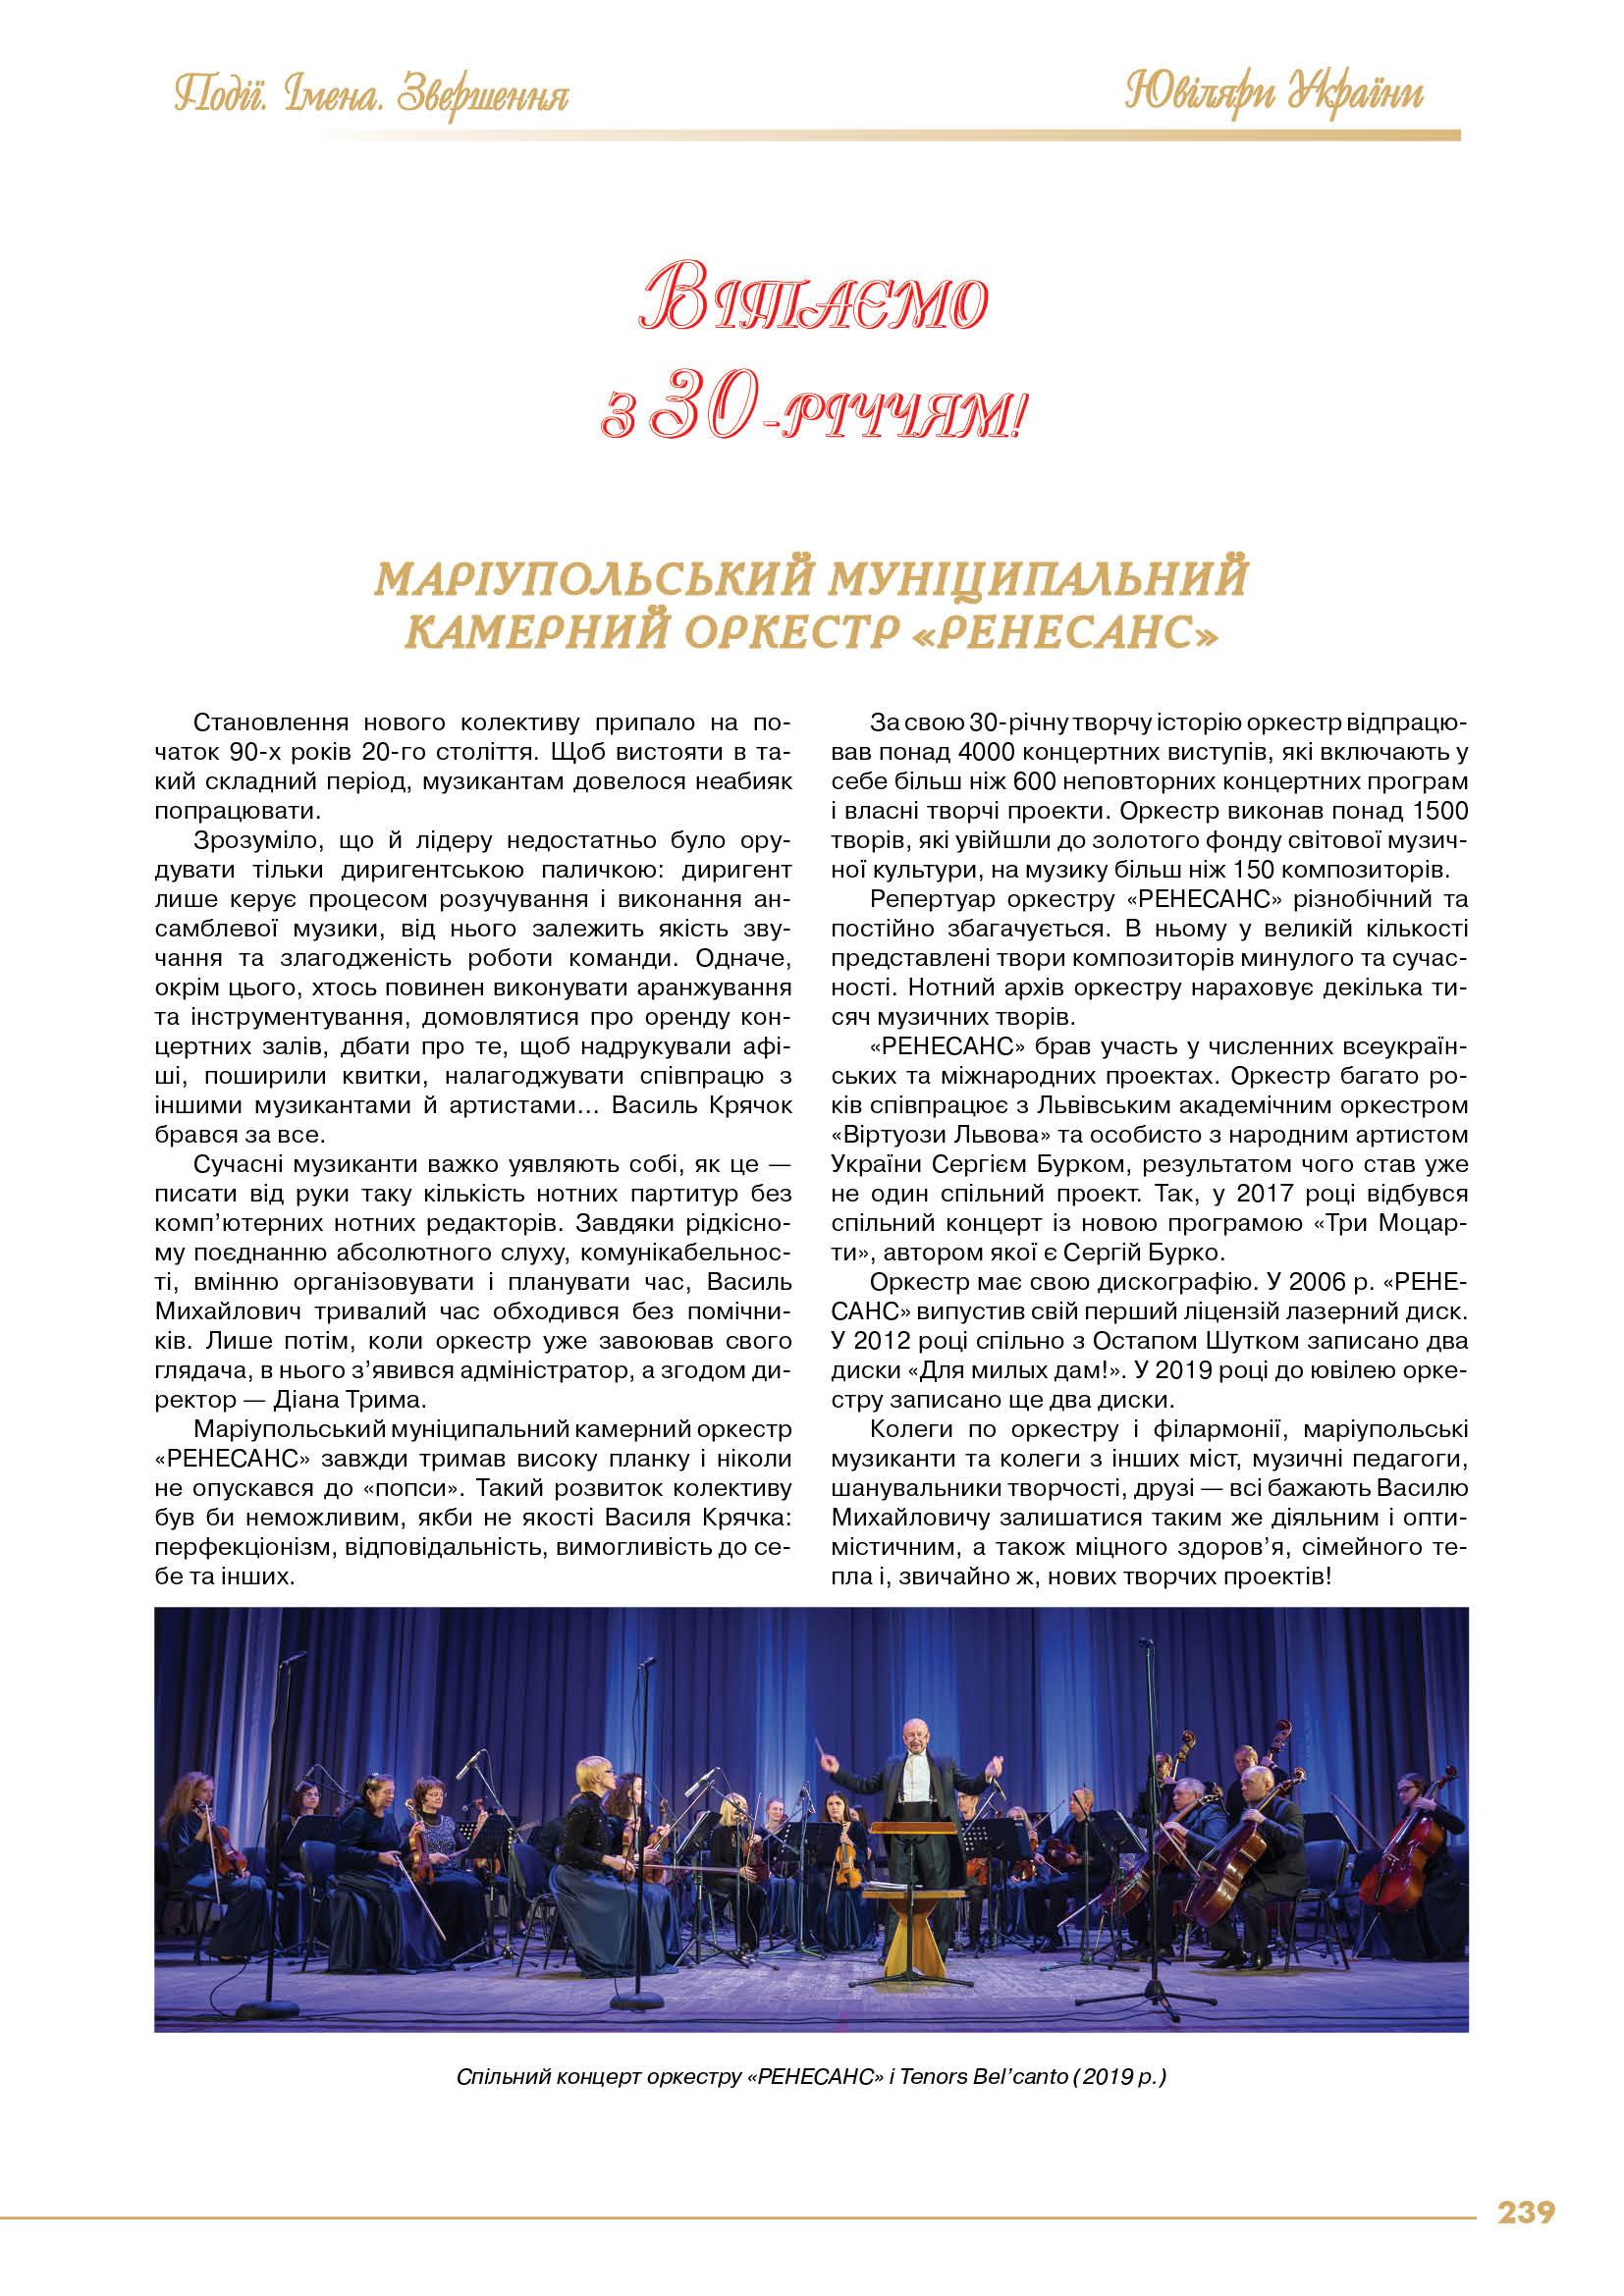 Маріупольський муніципальний камерний оркестр «Ренесанс»